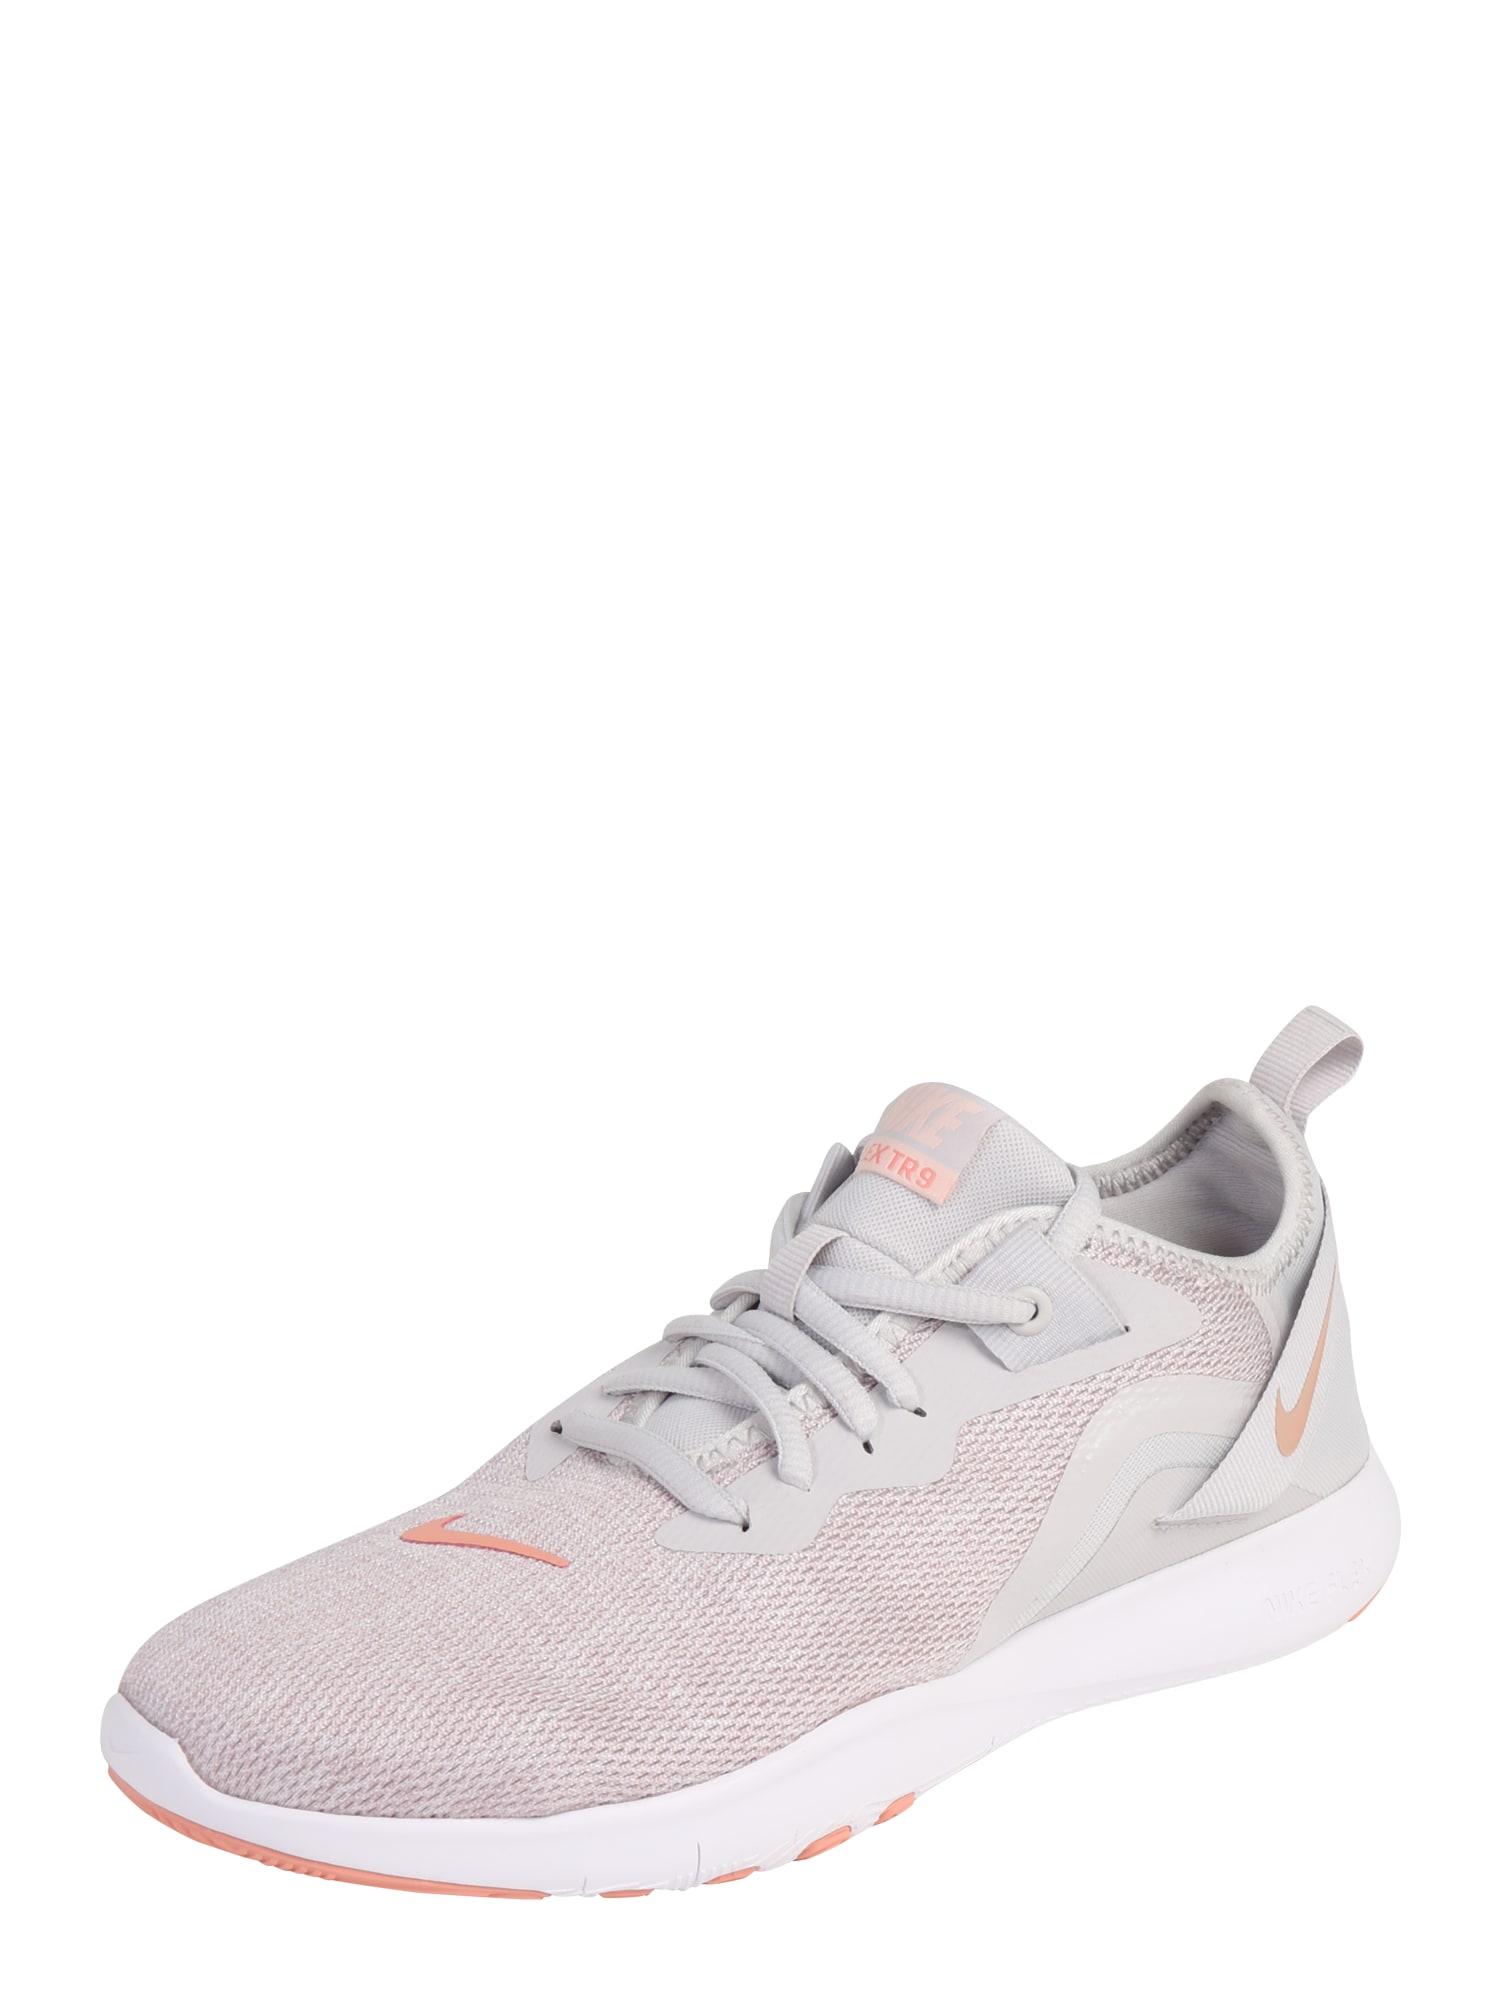 Sportovní boty Nike Flex TR 9 světle šedá NIKE